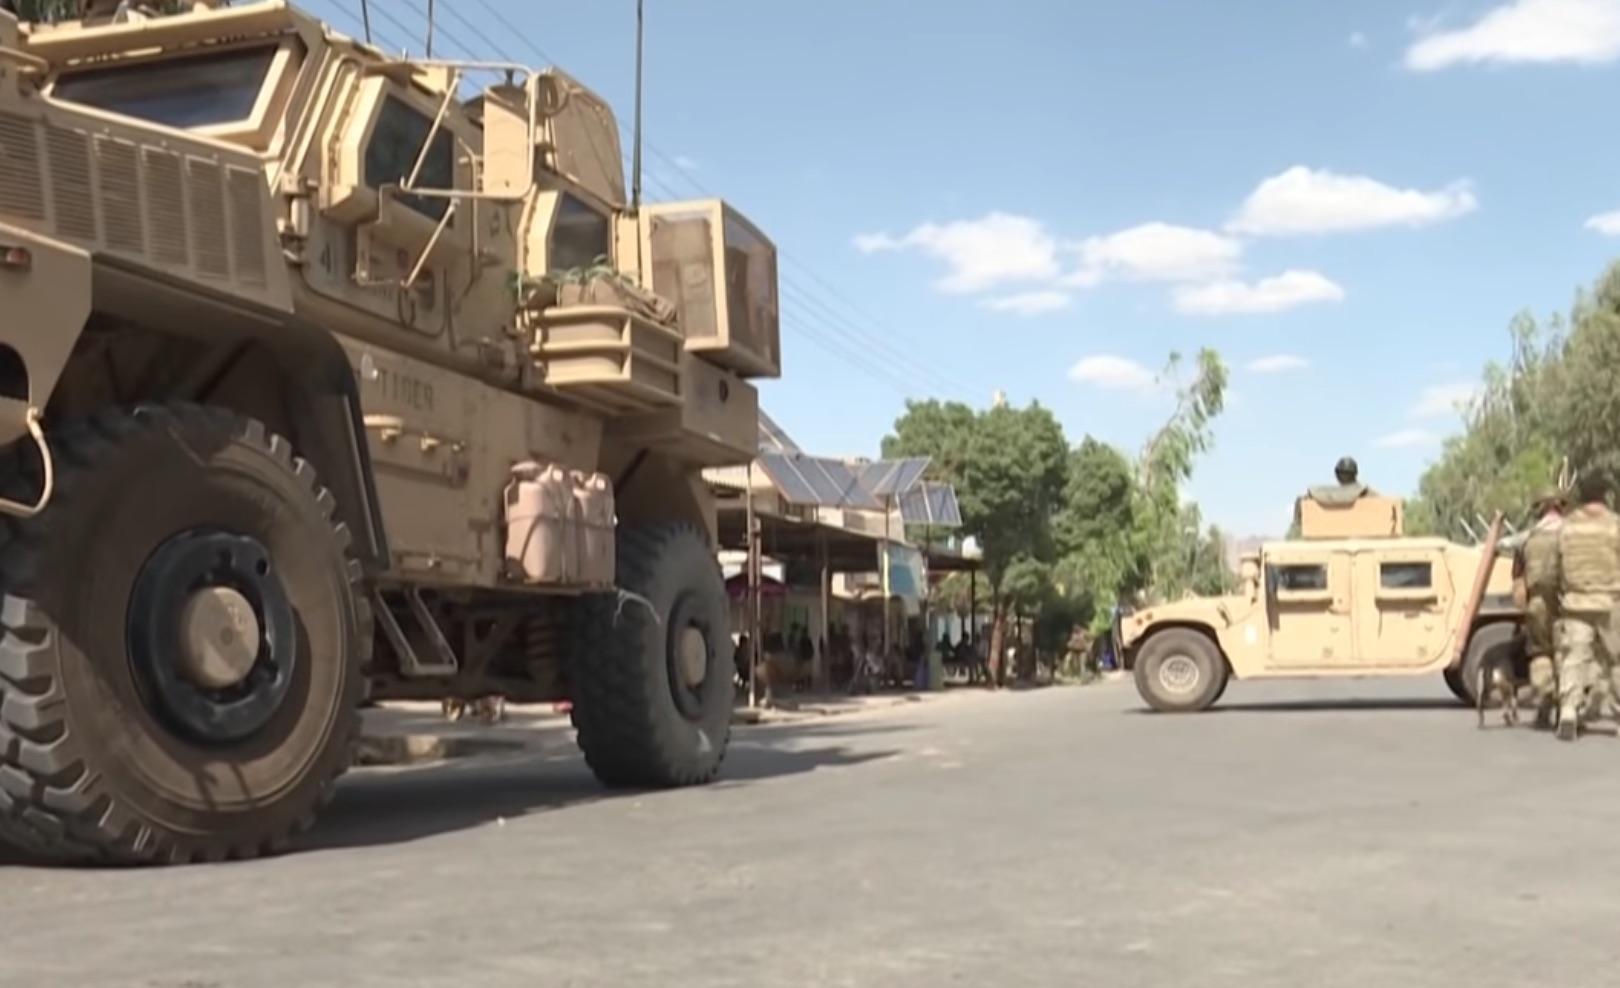 A propos de l'Afghanistan : l'humain d'abord dans POLITIQUE